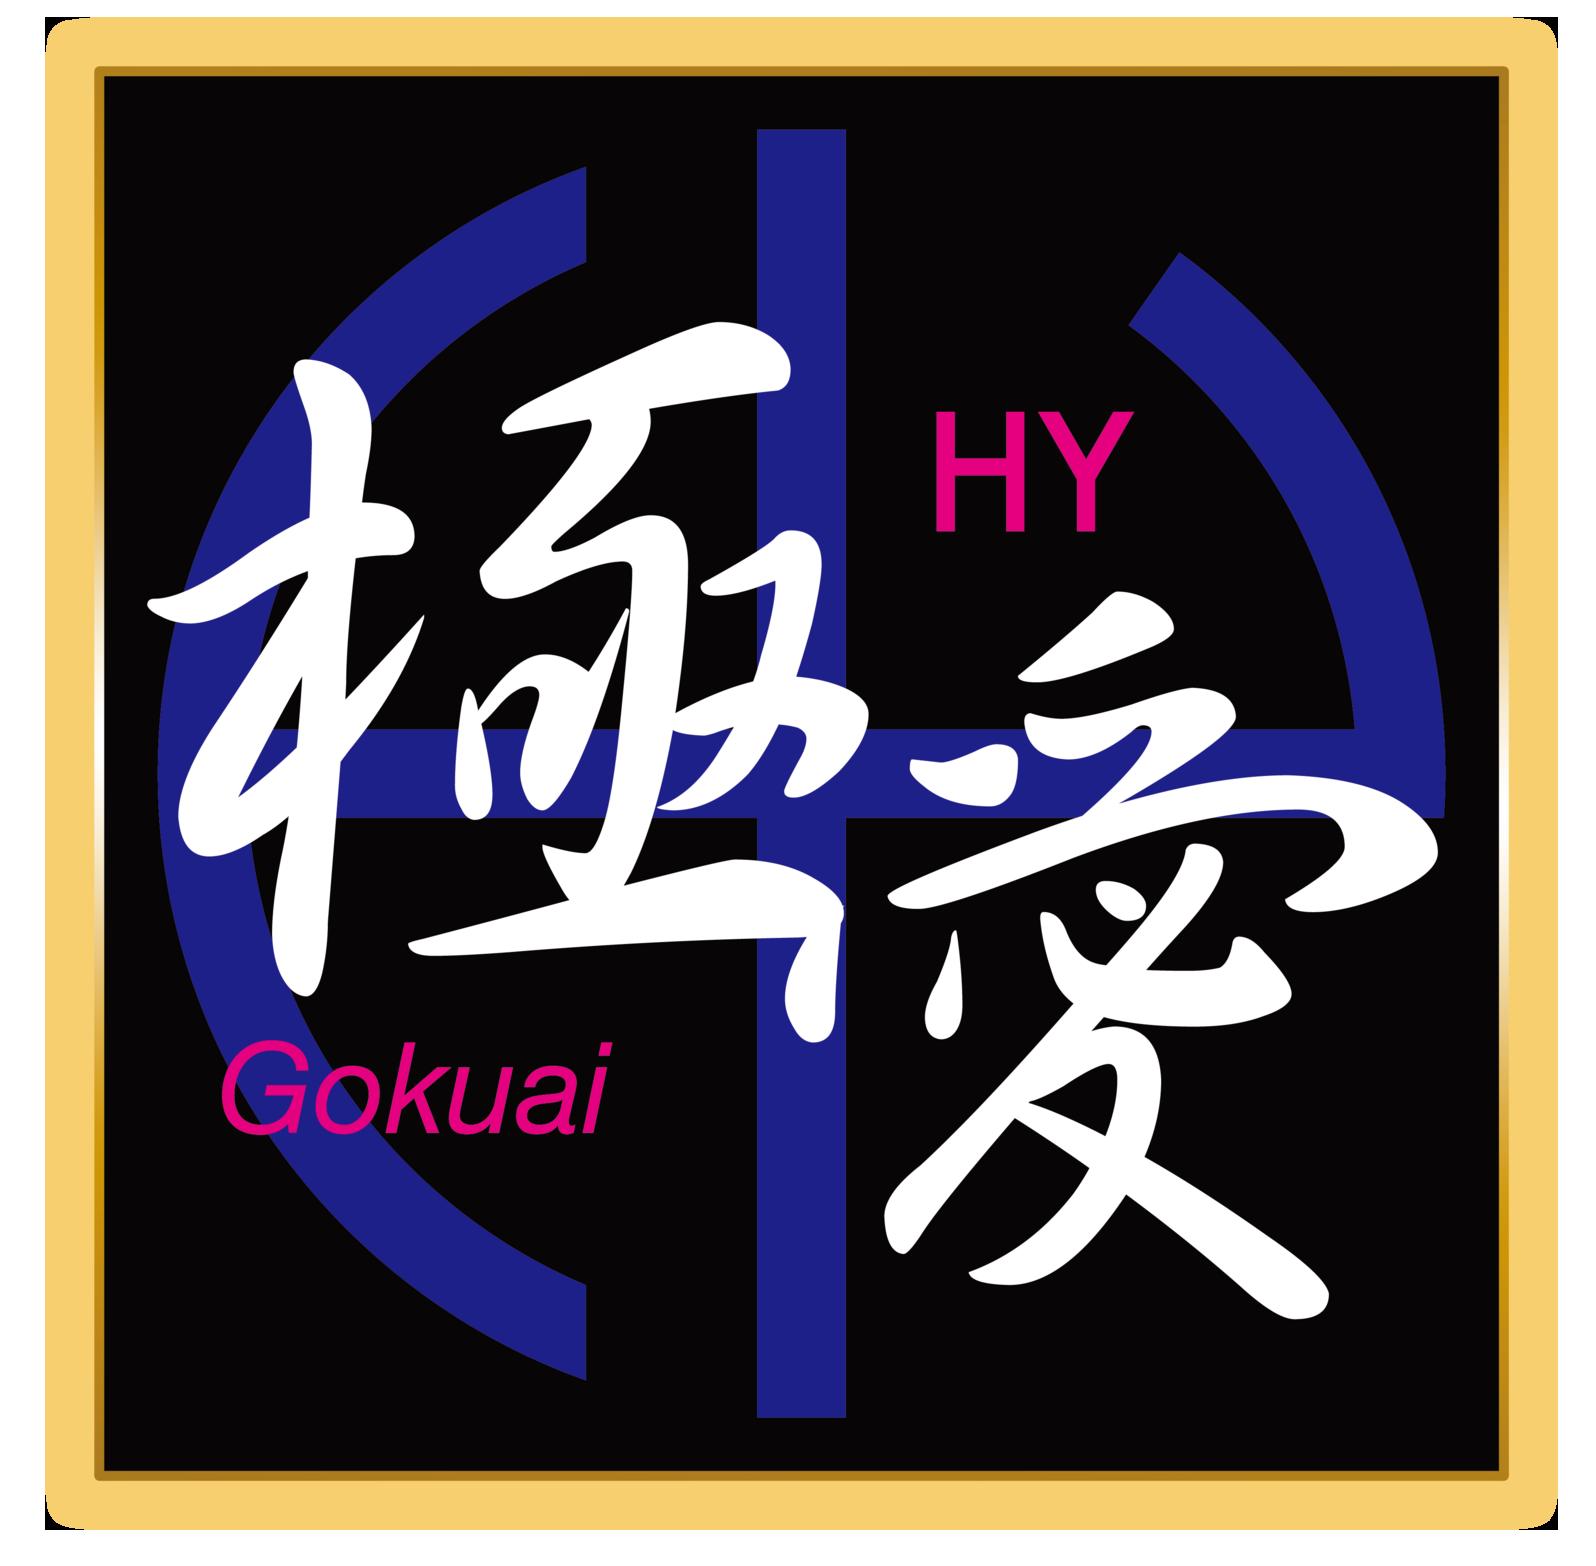 極愛 Hyオフィシャルウェブサイト Hy Road